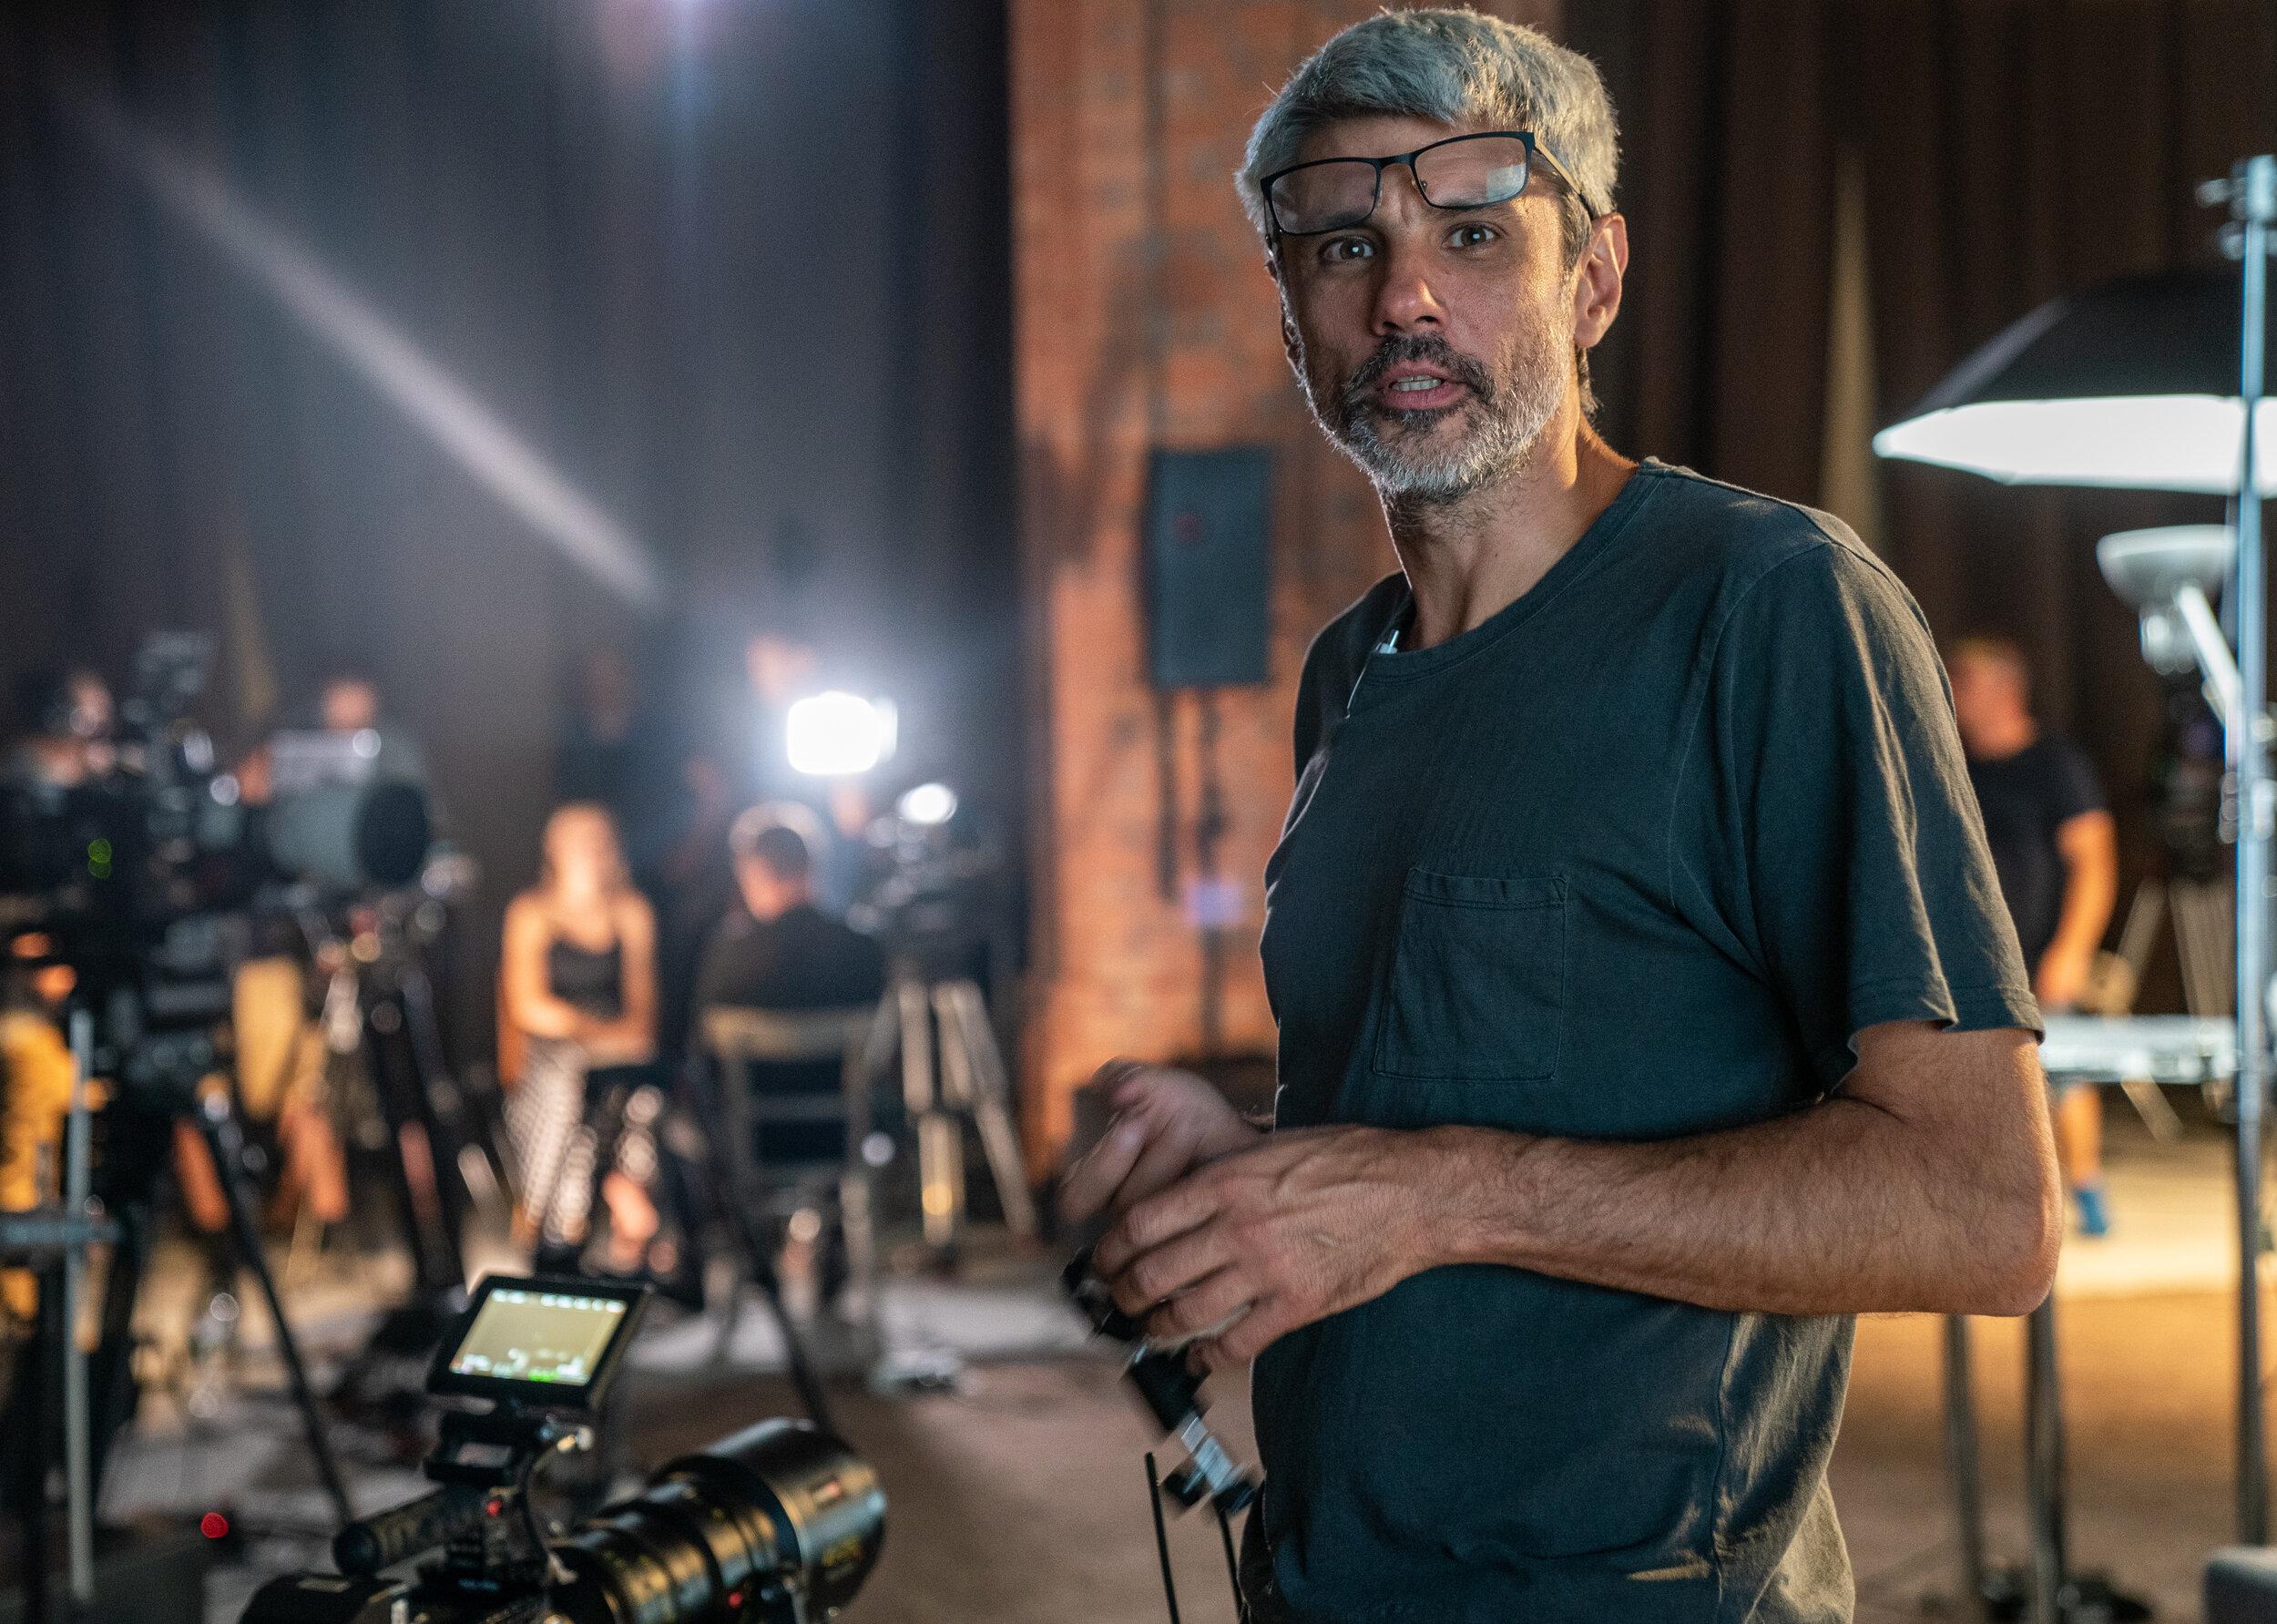 Вадим Ільков: «Я вже давно не думаю про плани, а мислю фільмом»